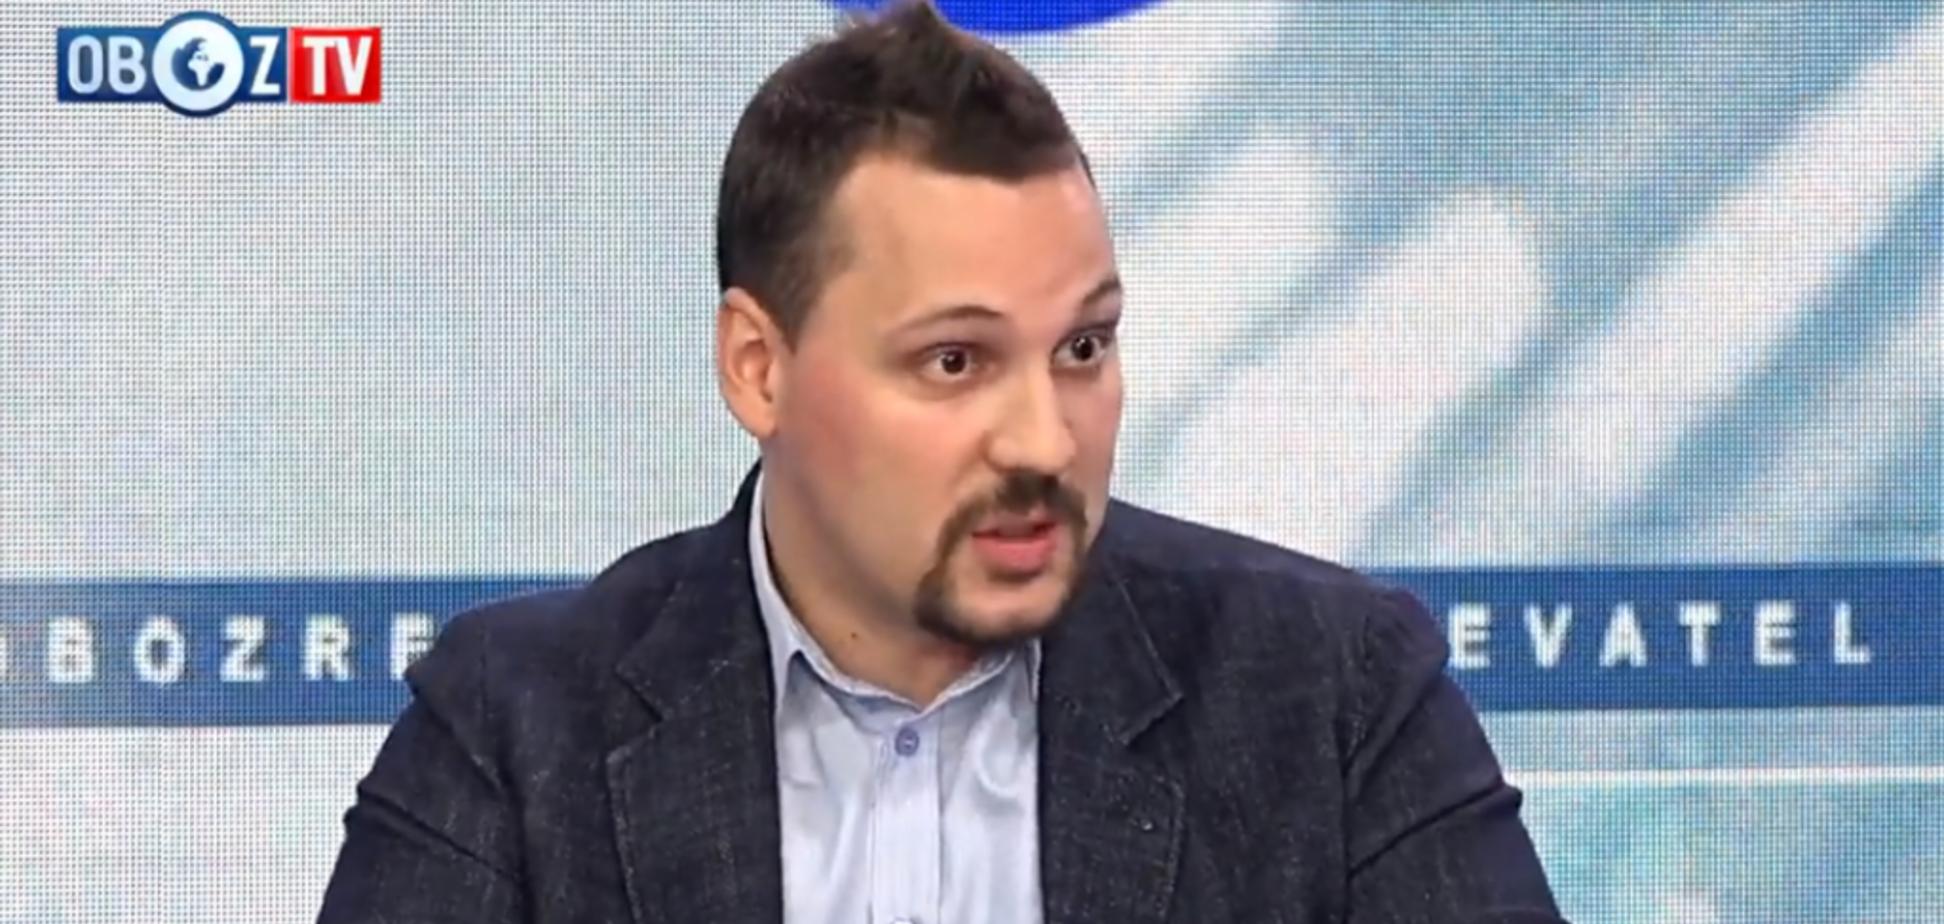 Інвестиції в біткоїн: українцям розповіли, як заробити на криптовалюті